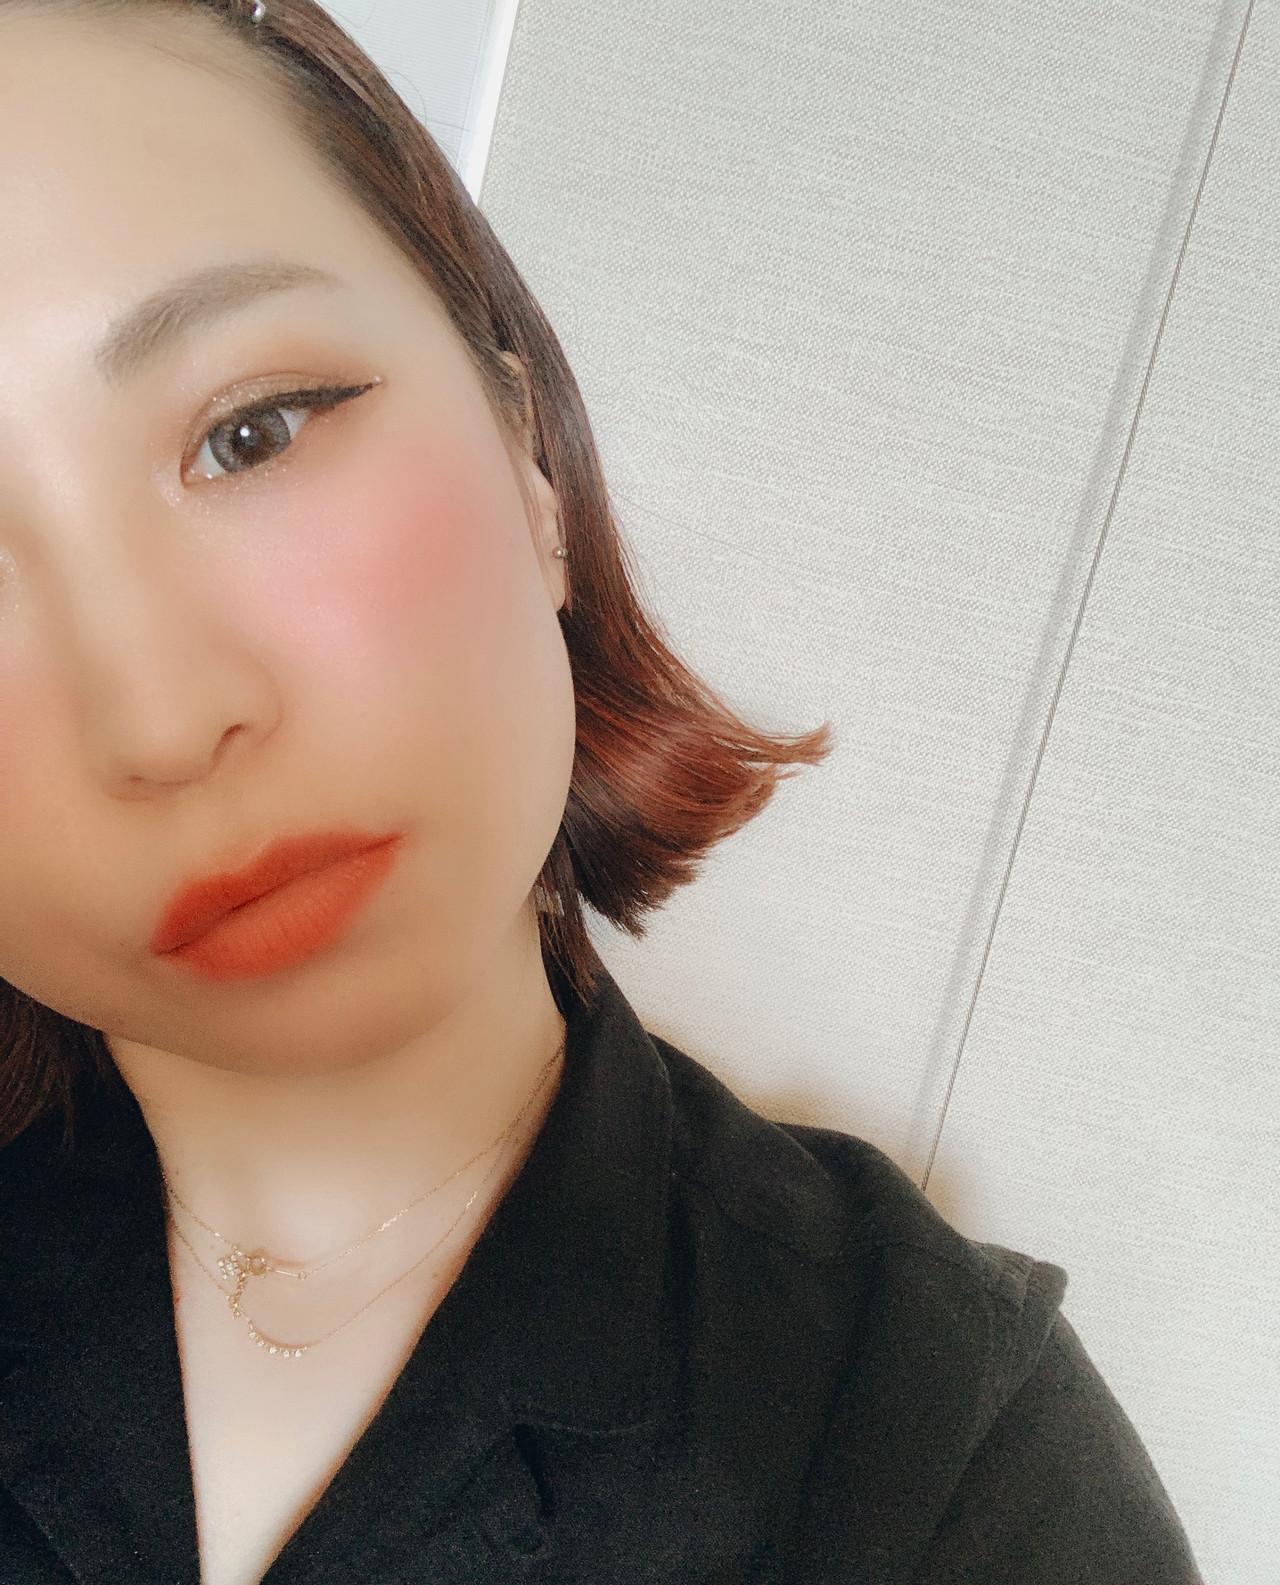 簡単ヘアアレンジ 切りっぱなしボブ ボブ ガーリー ヘアスタイルや髪型の写真・画像 | minori..miyauchi /